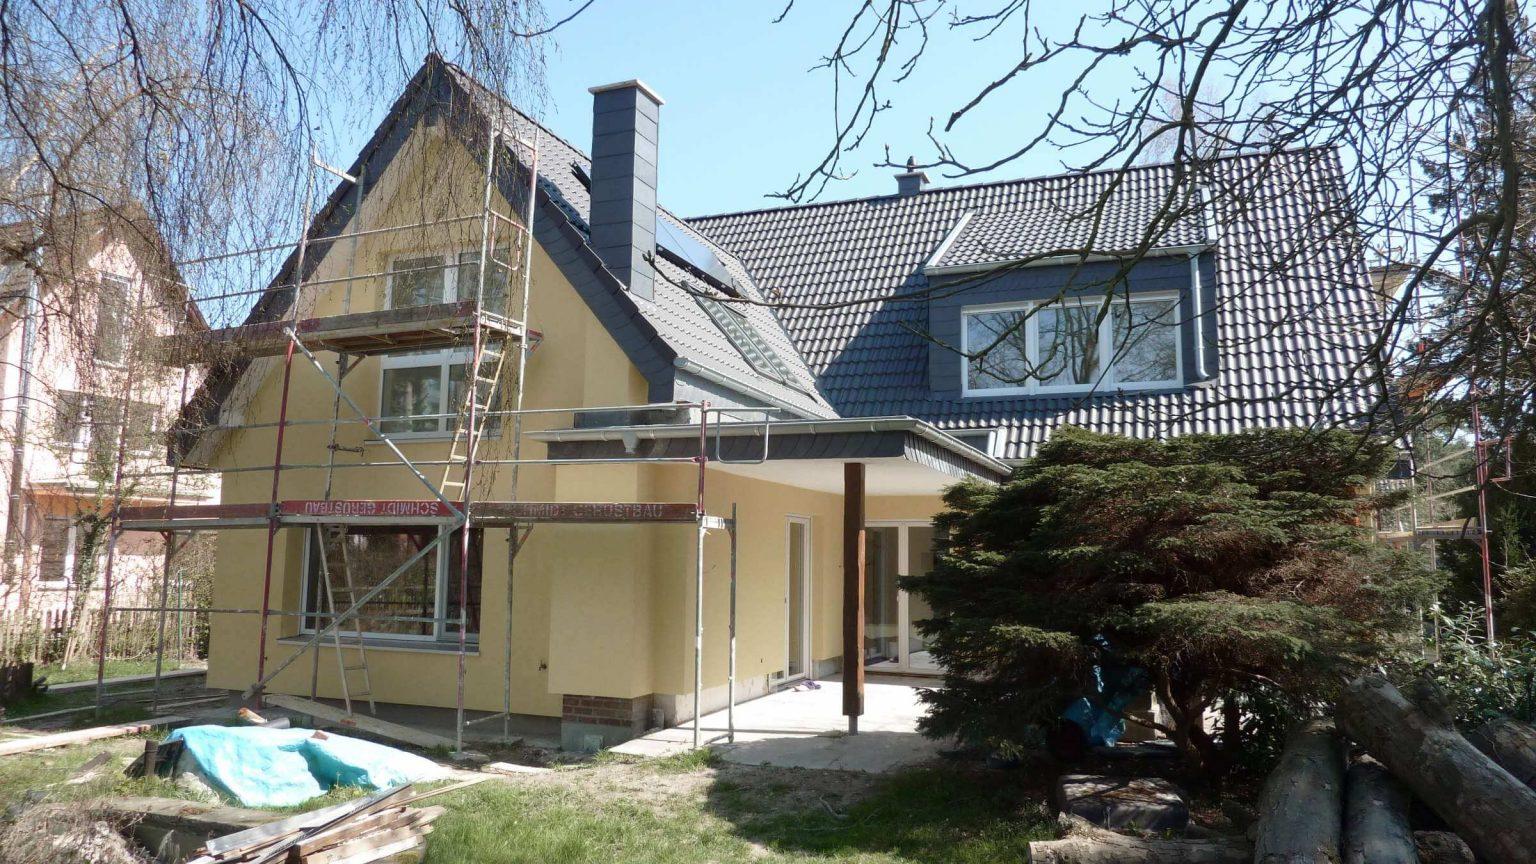 Architekt Koeln Umbau Fassade